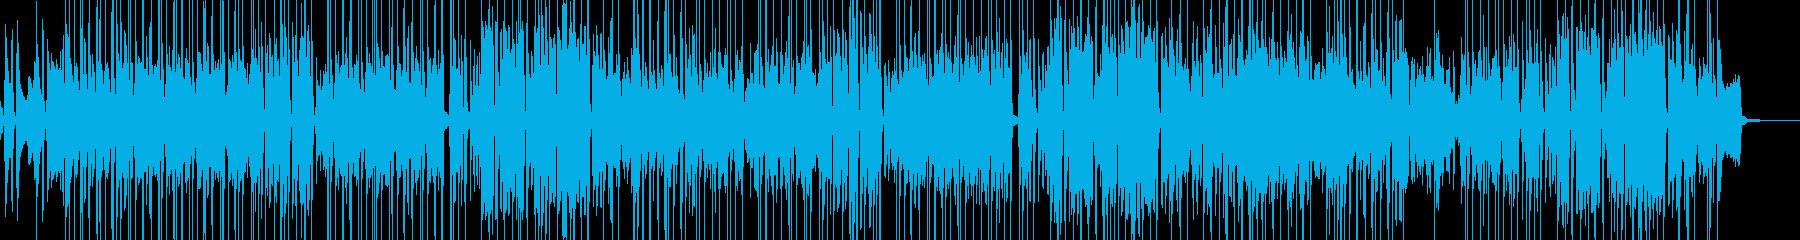 ブラス・バーのムードに合う軽快なジャズの再生済みの波形